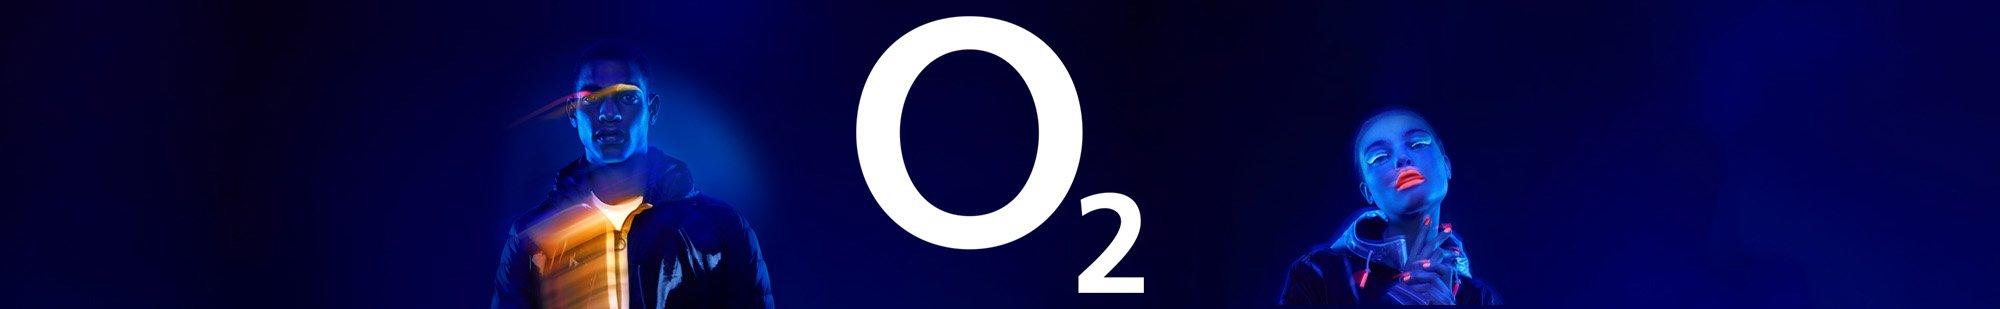 o2 banner